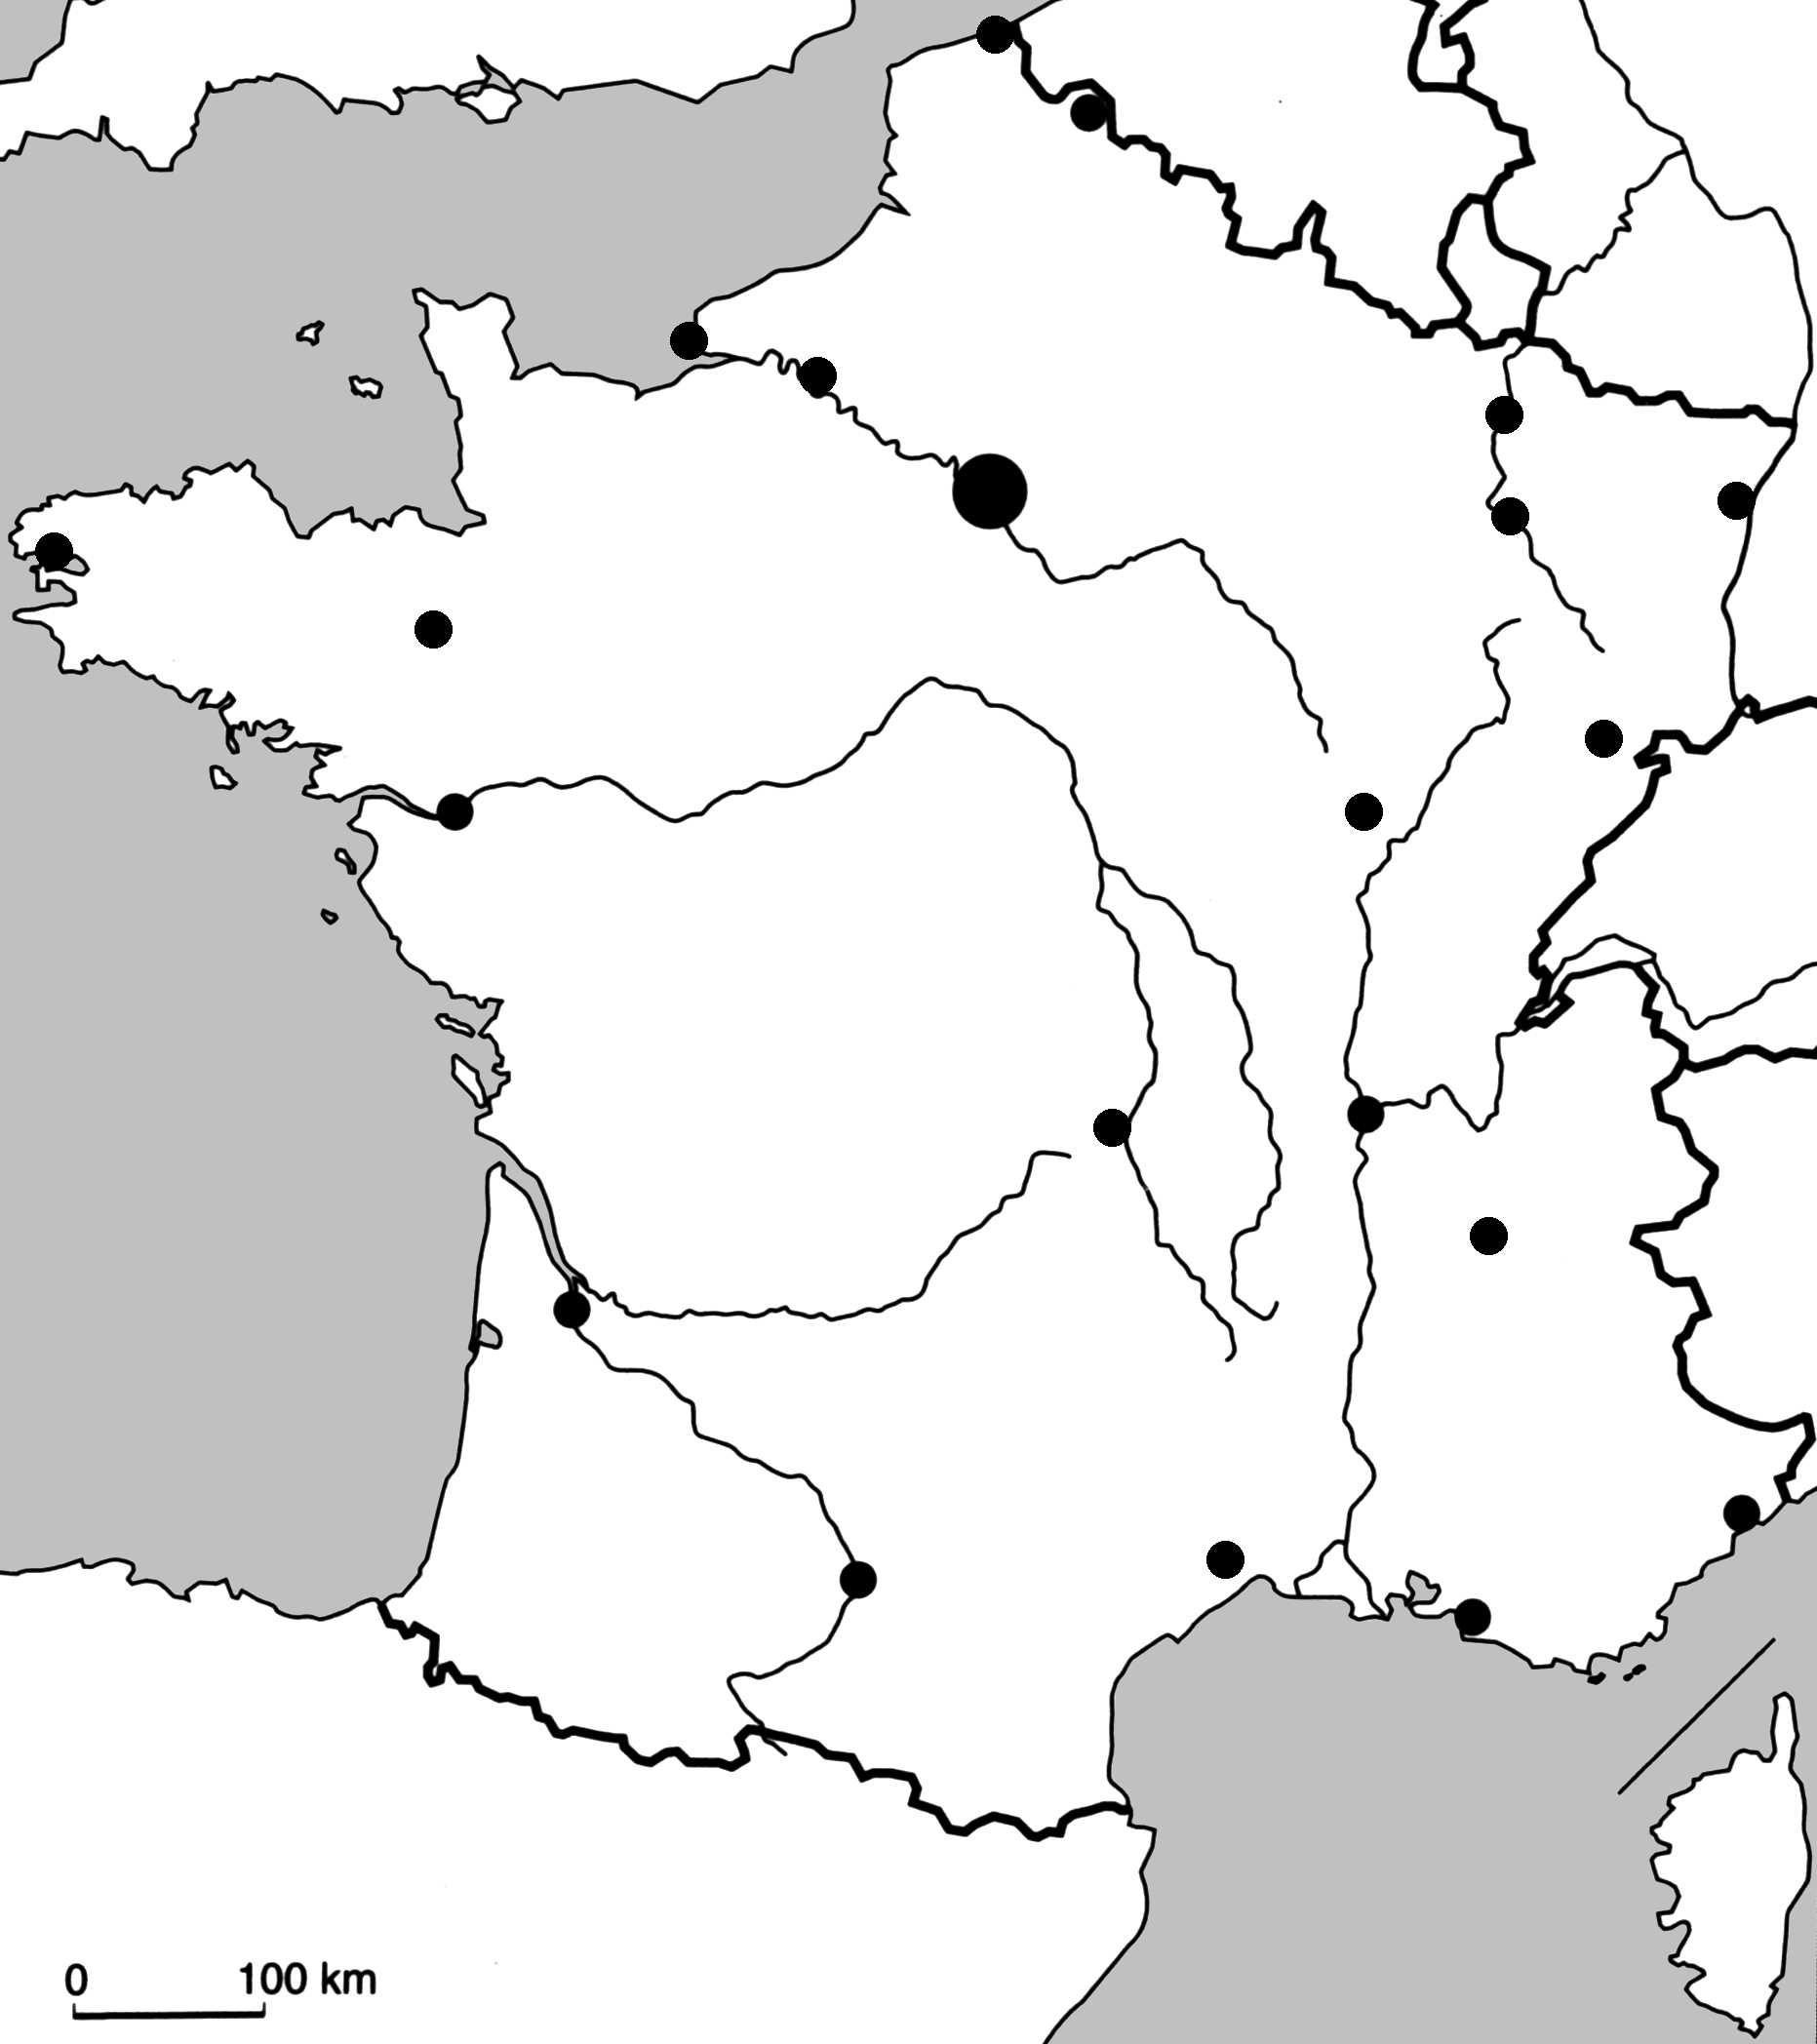 Afficher L'image D'origine | Carte France Vierge, Fleuve De encequiconcerne Carte De France Muette À Compléter